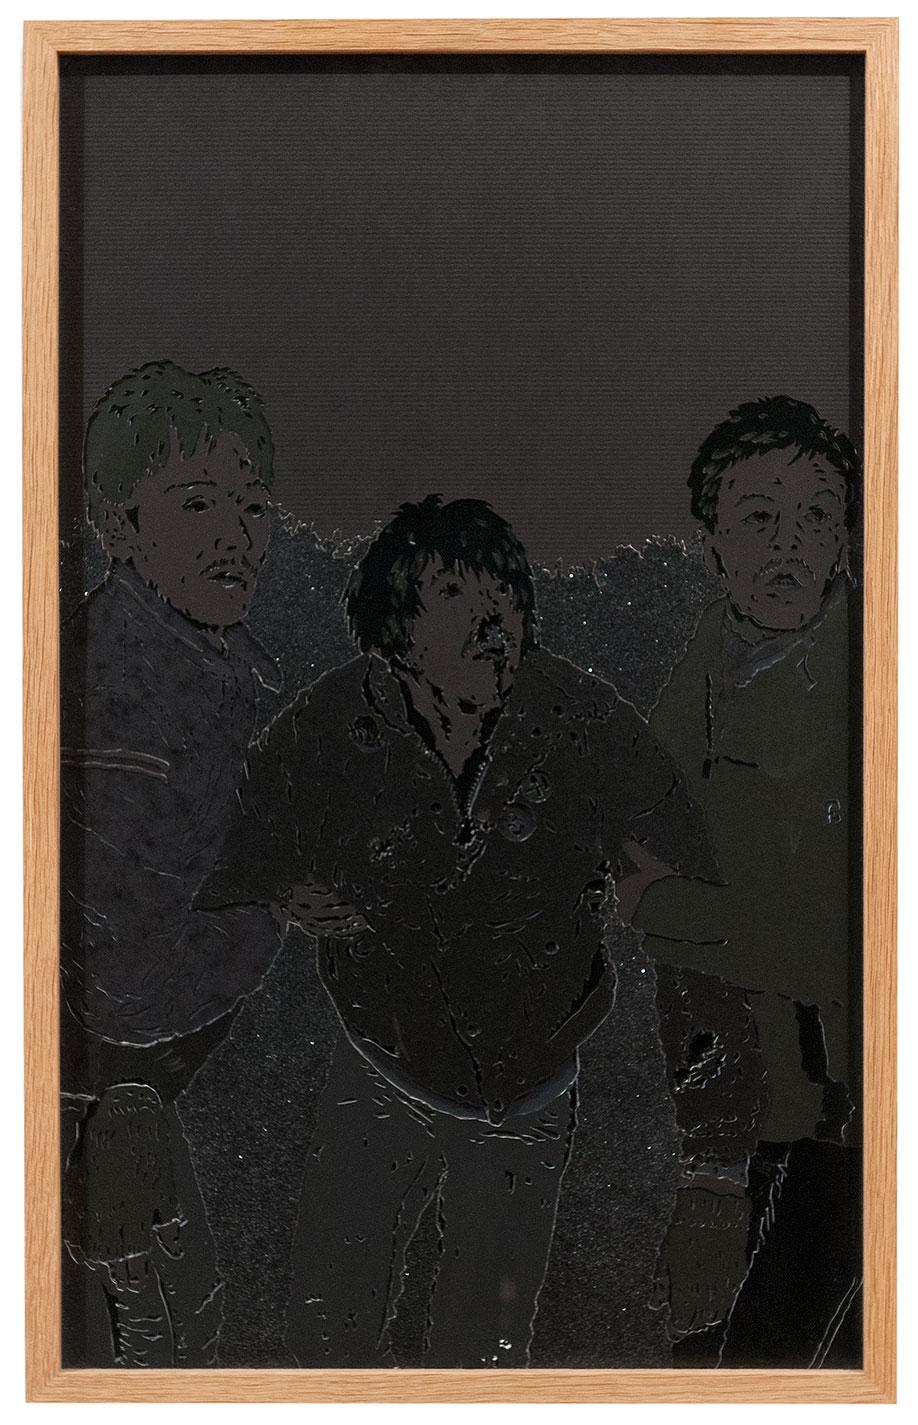 <b>Title:&nbsp;</b>Black Stuff<br /><b>Year:&nbsp;</b>2011<br /><b>Medium:&nbsp;</b>Paper collage<br /><b>Size:&nbsp;</b>42 x 66.1 cm